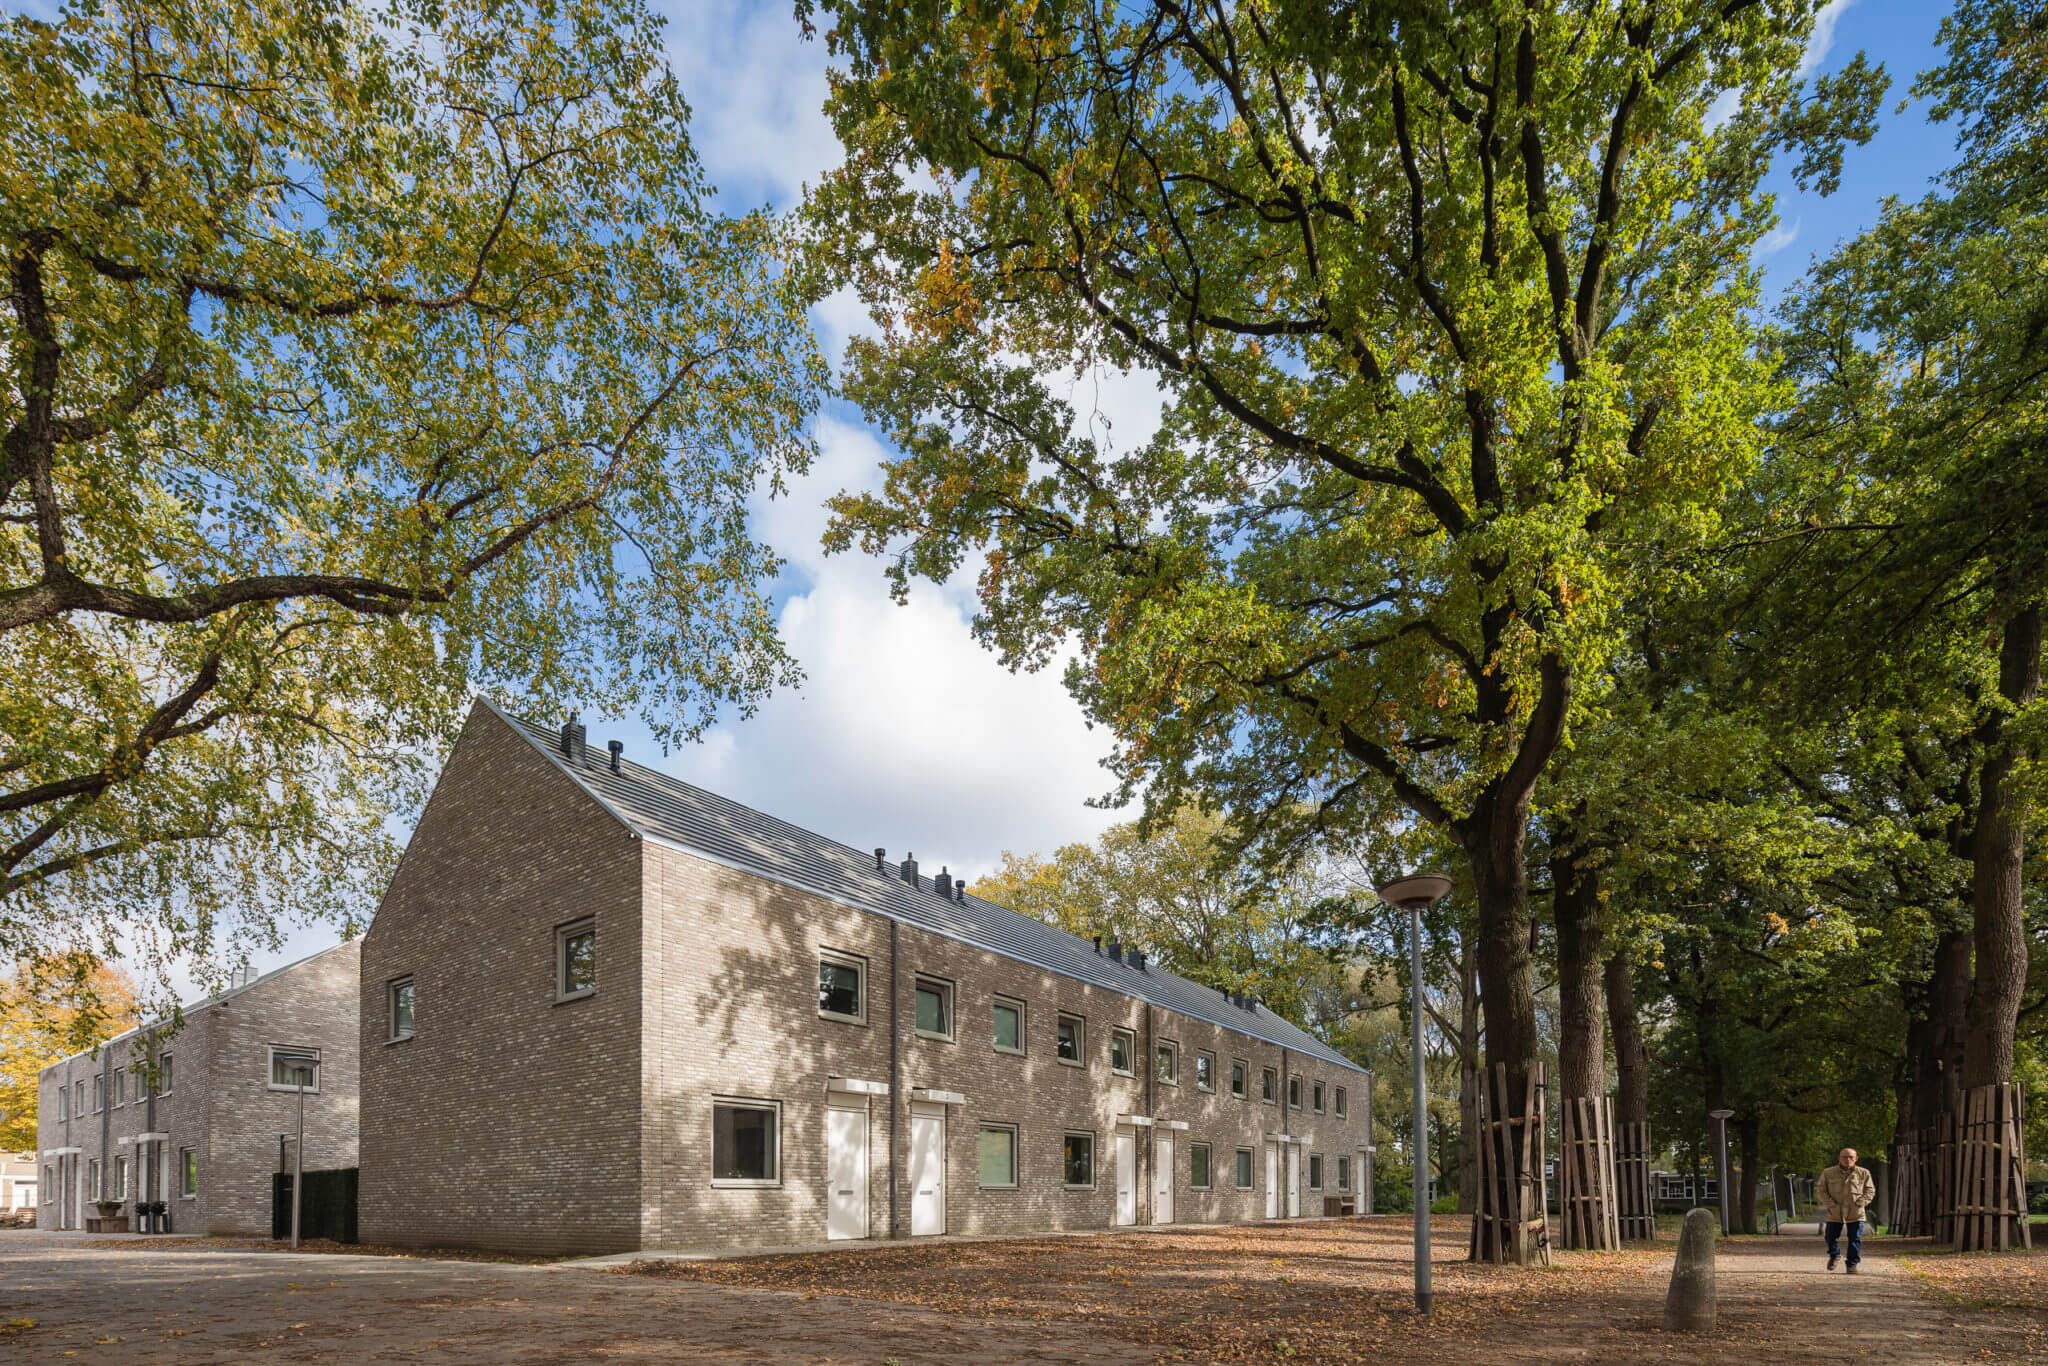 woningbouw nieuwbouw sociale woningbouw Eindhoven Eckart rijwoningen metselwerk design&build bestemmingsplan gezinswoning Kasteel Eckart